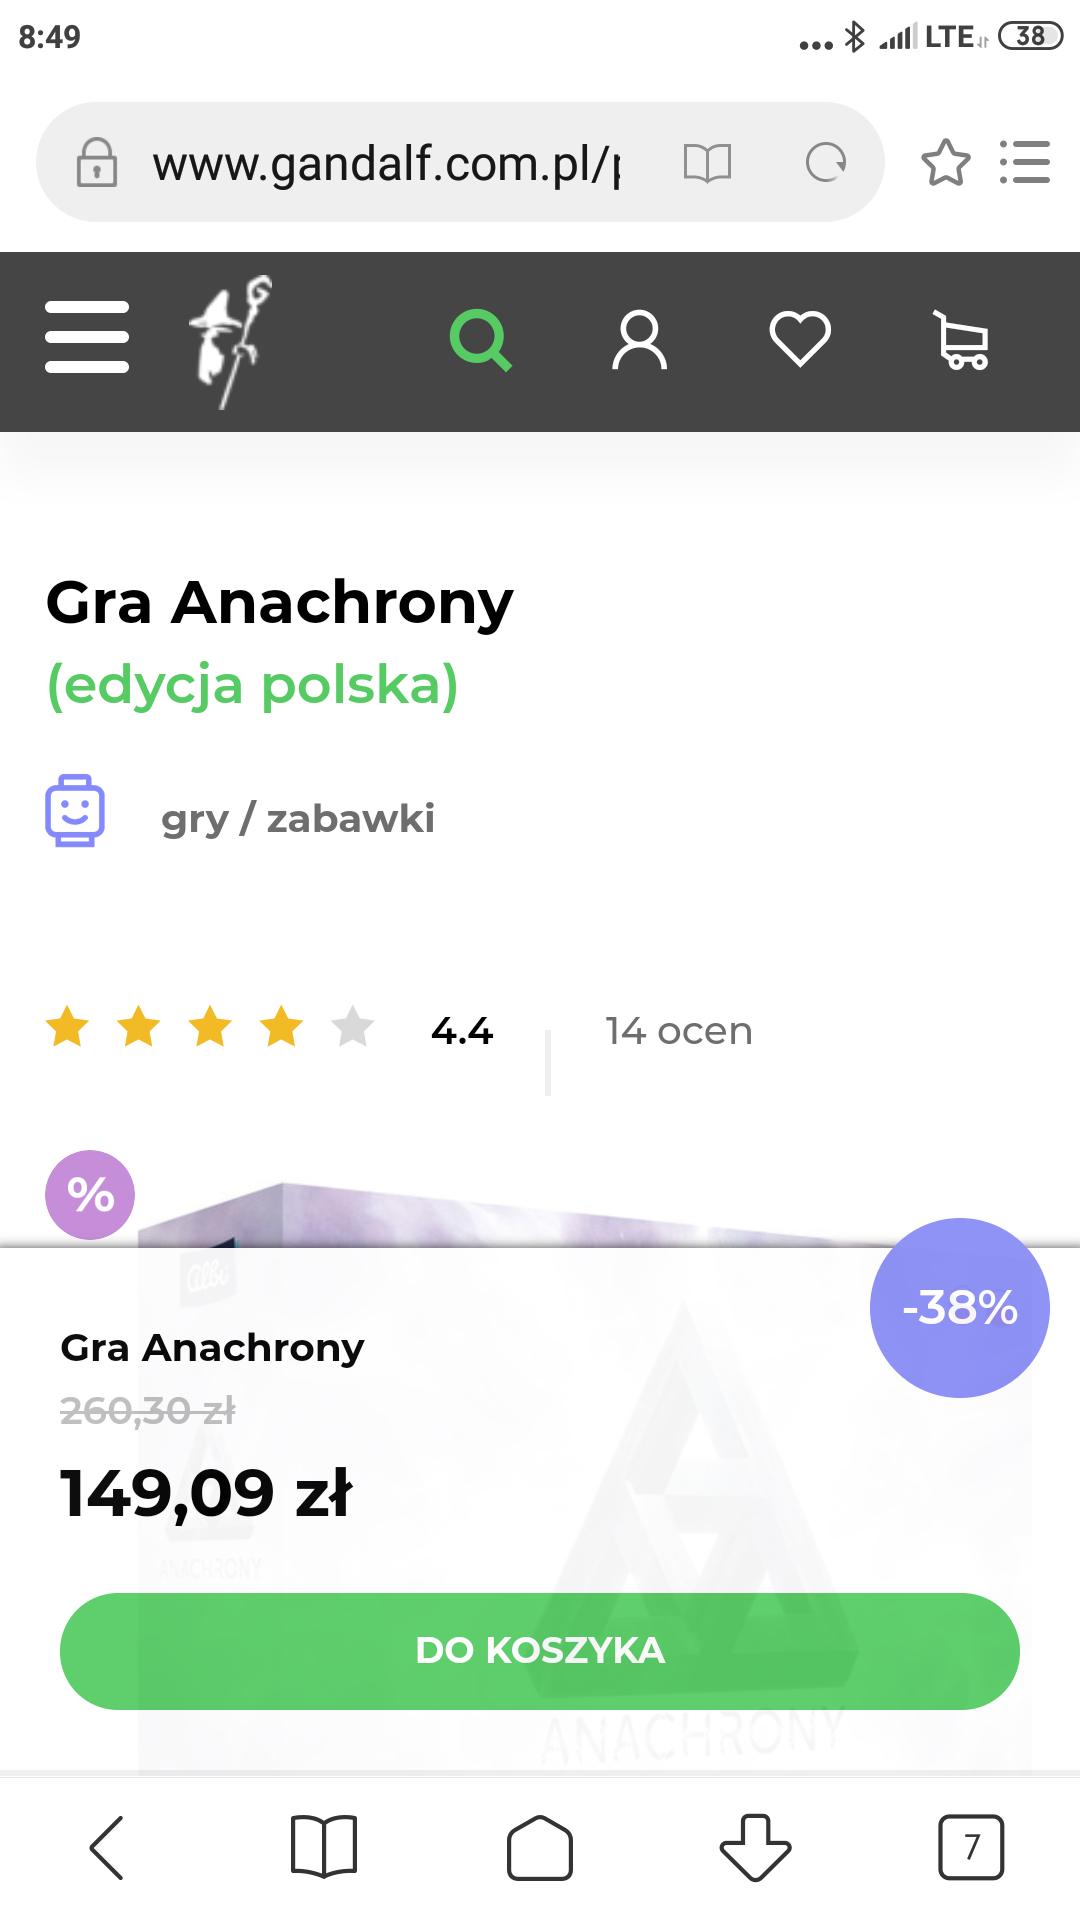 Anachrony 149zł przez link ceneo, darmowa dostawa do kiosków Ruchu